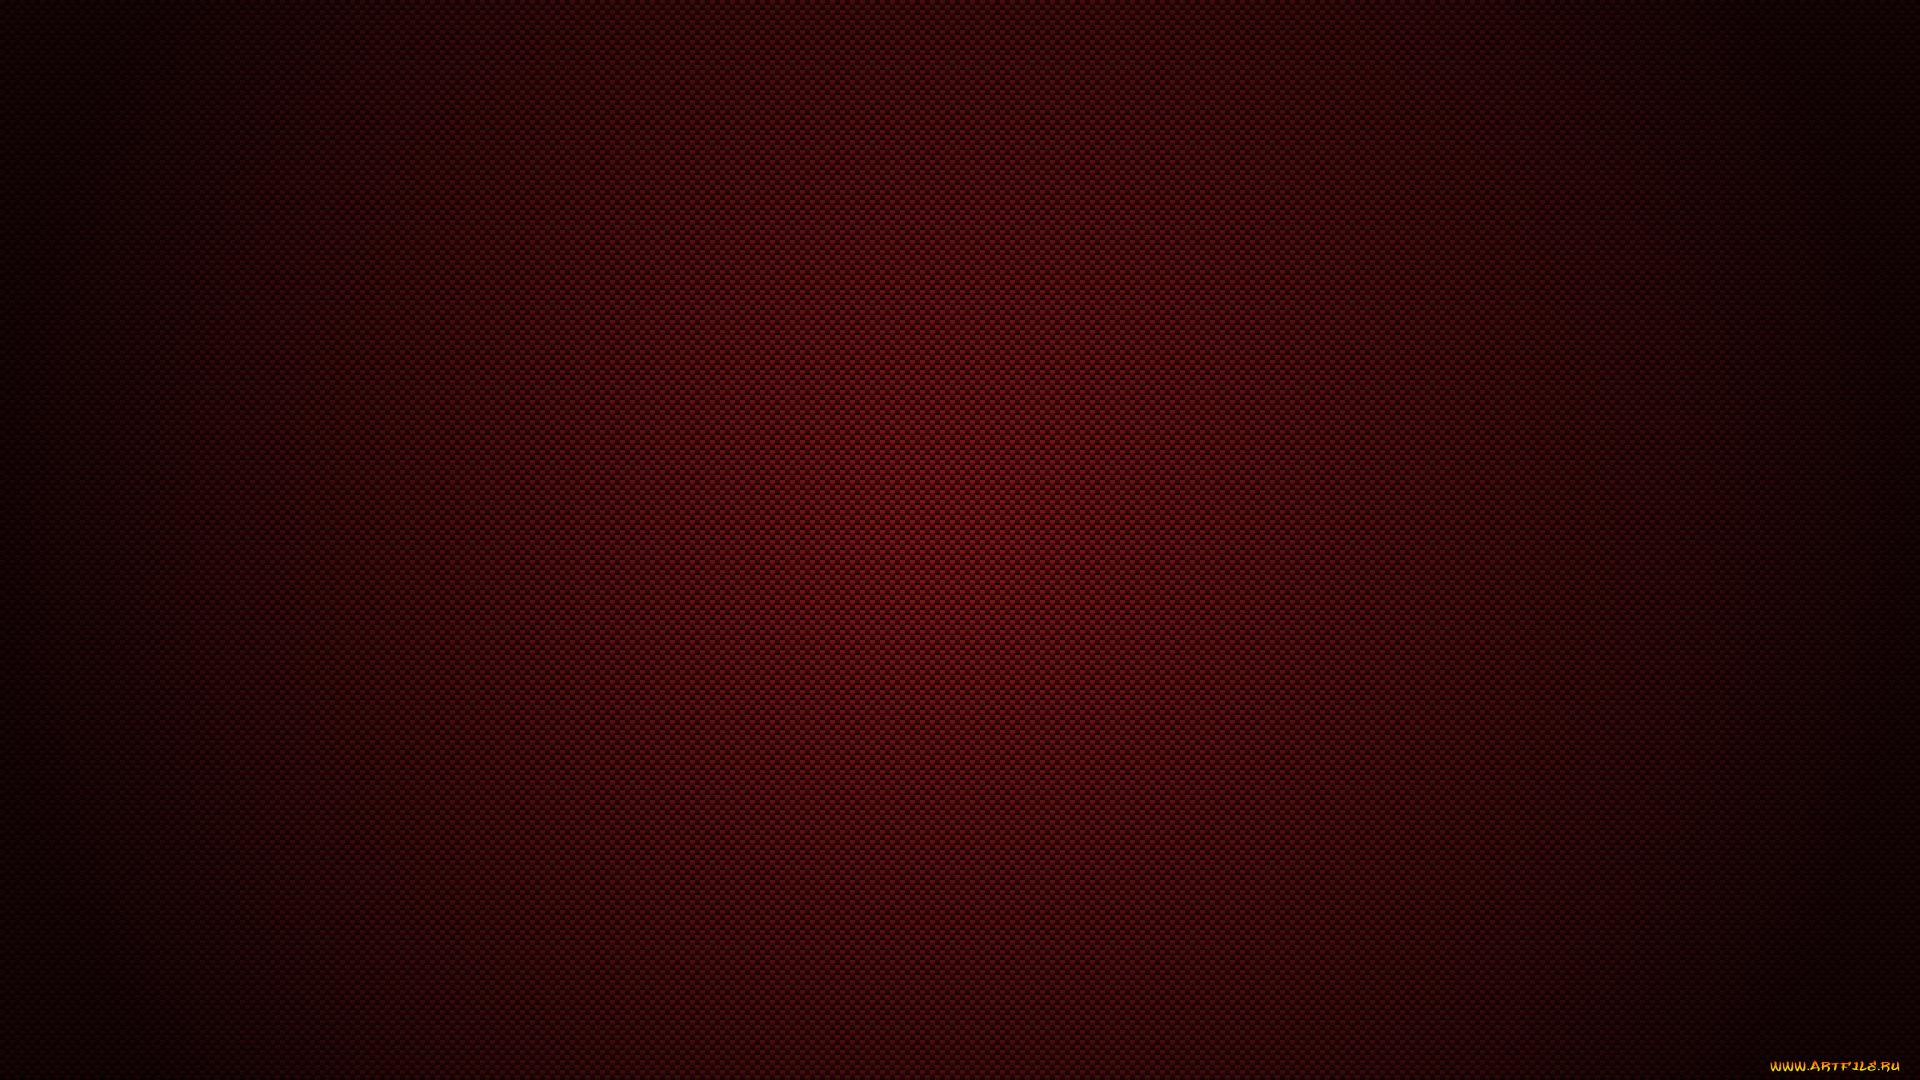 цвет бордо скачать